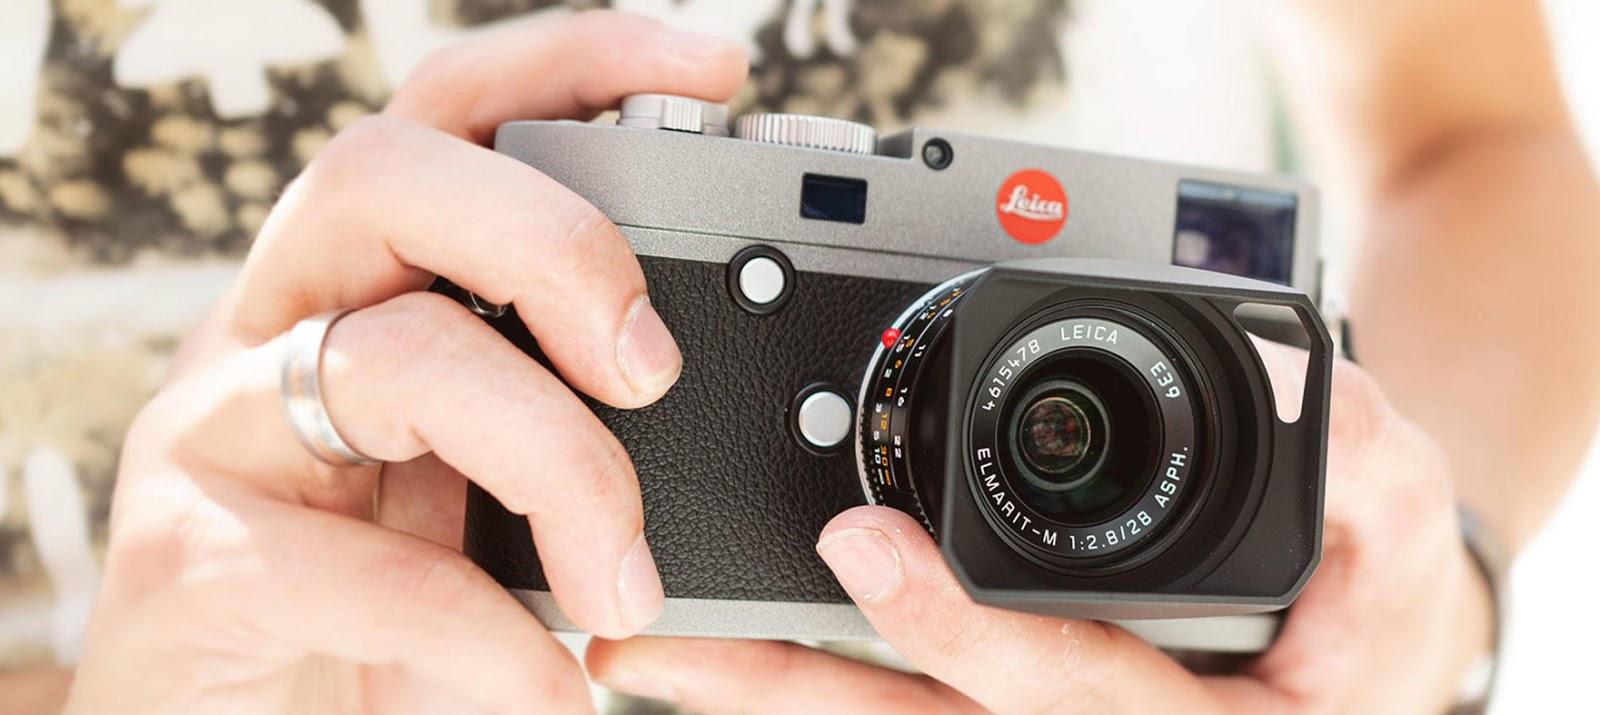 Leica M-E (Typ 240) в руках